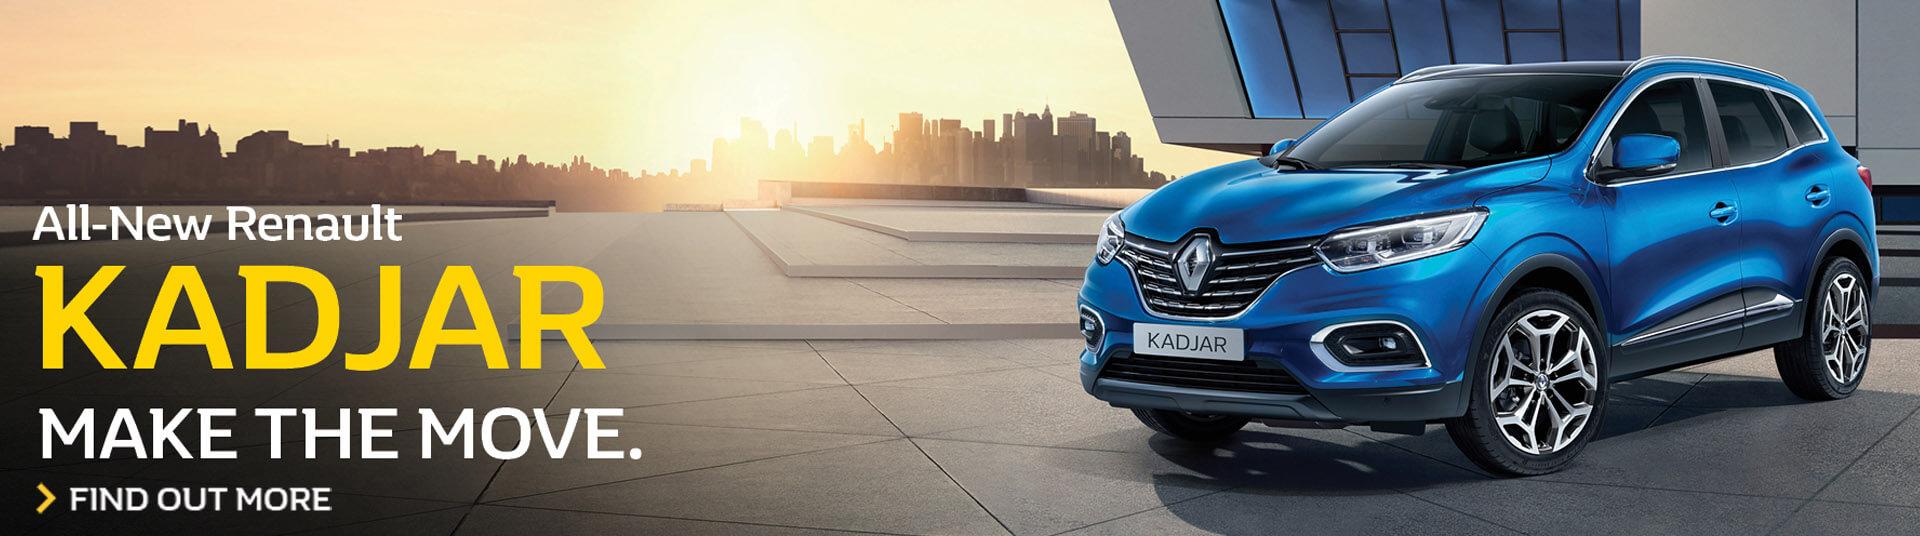 New Renault Kadjar